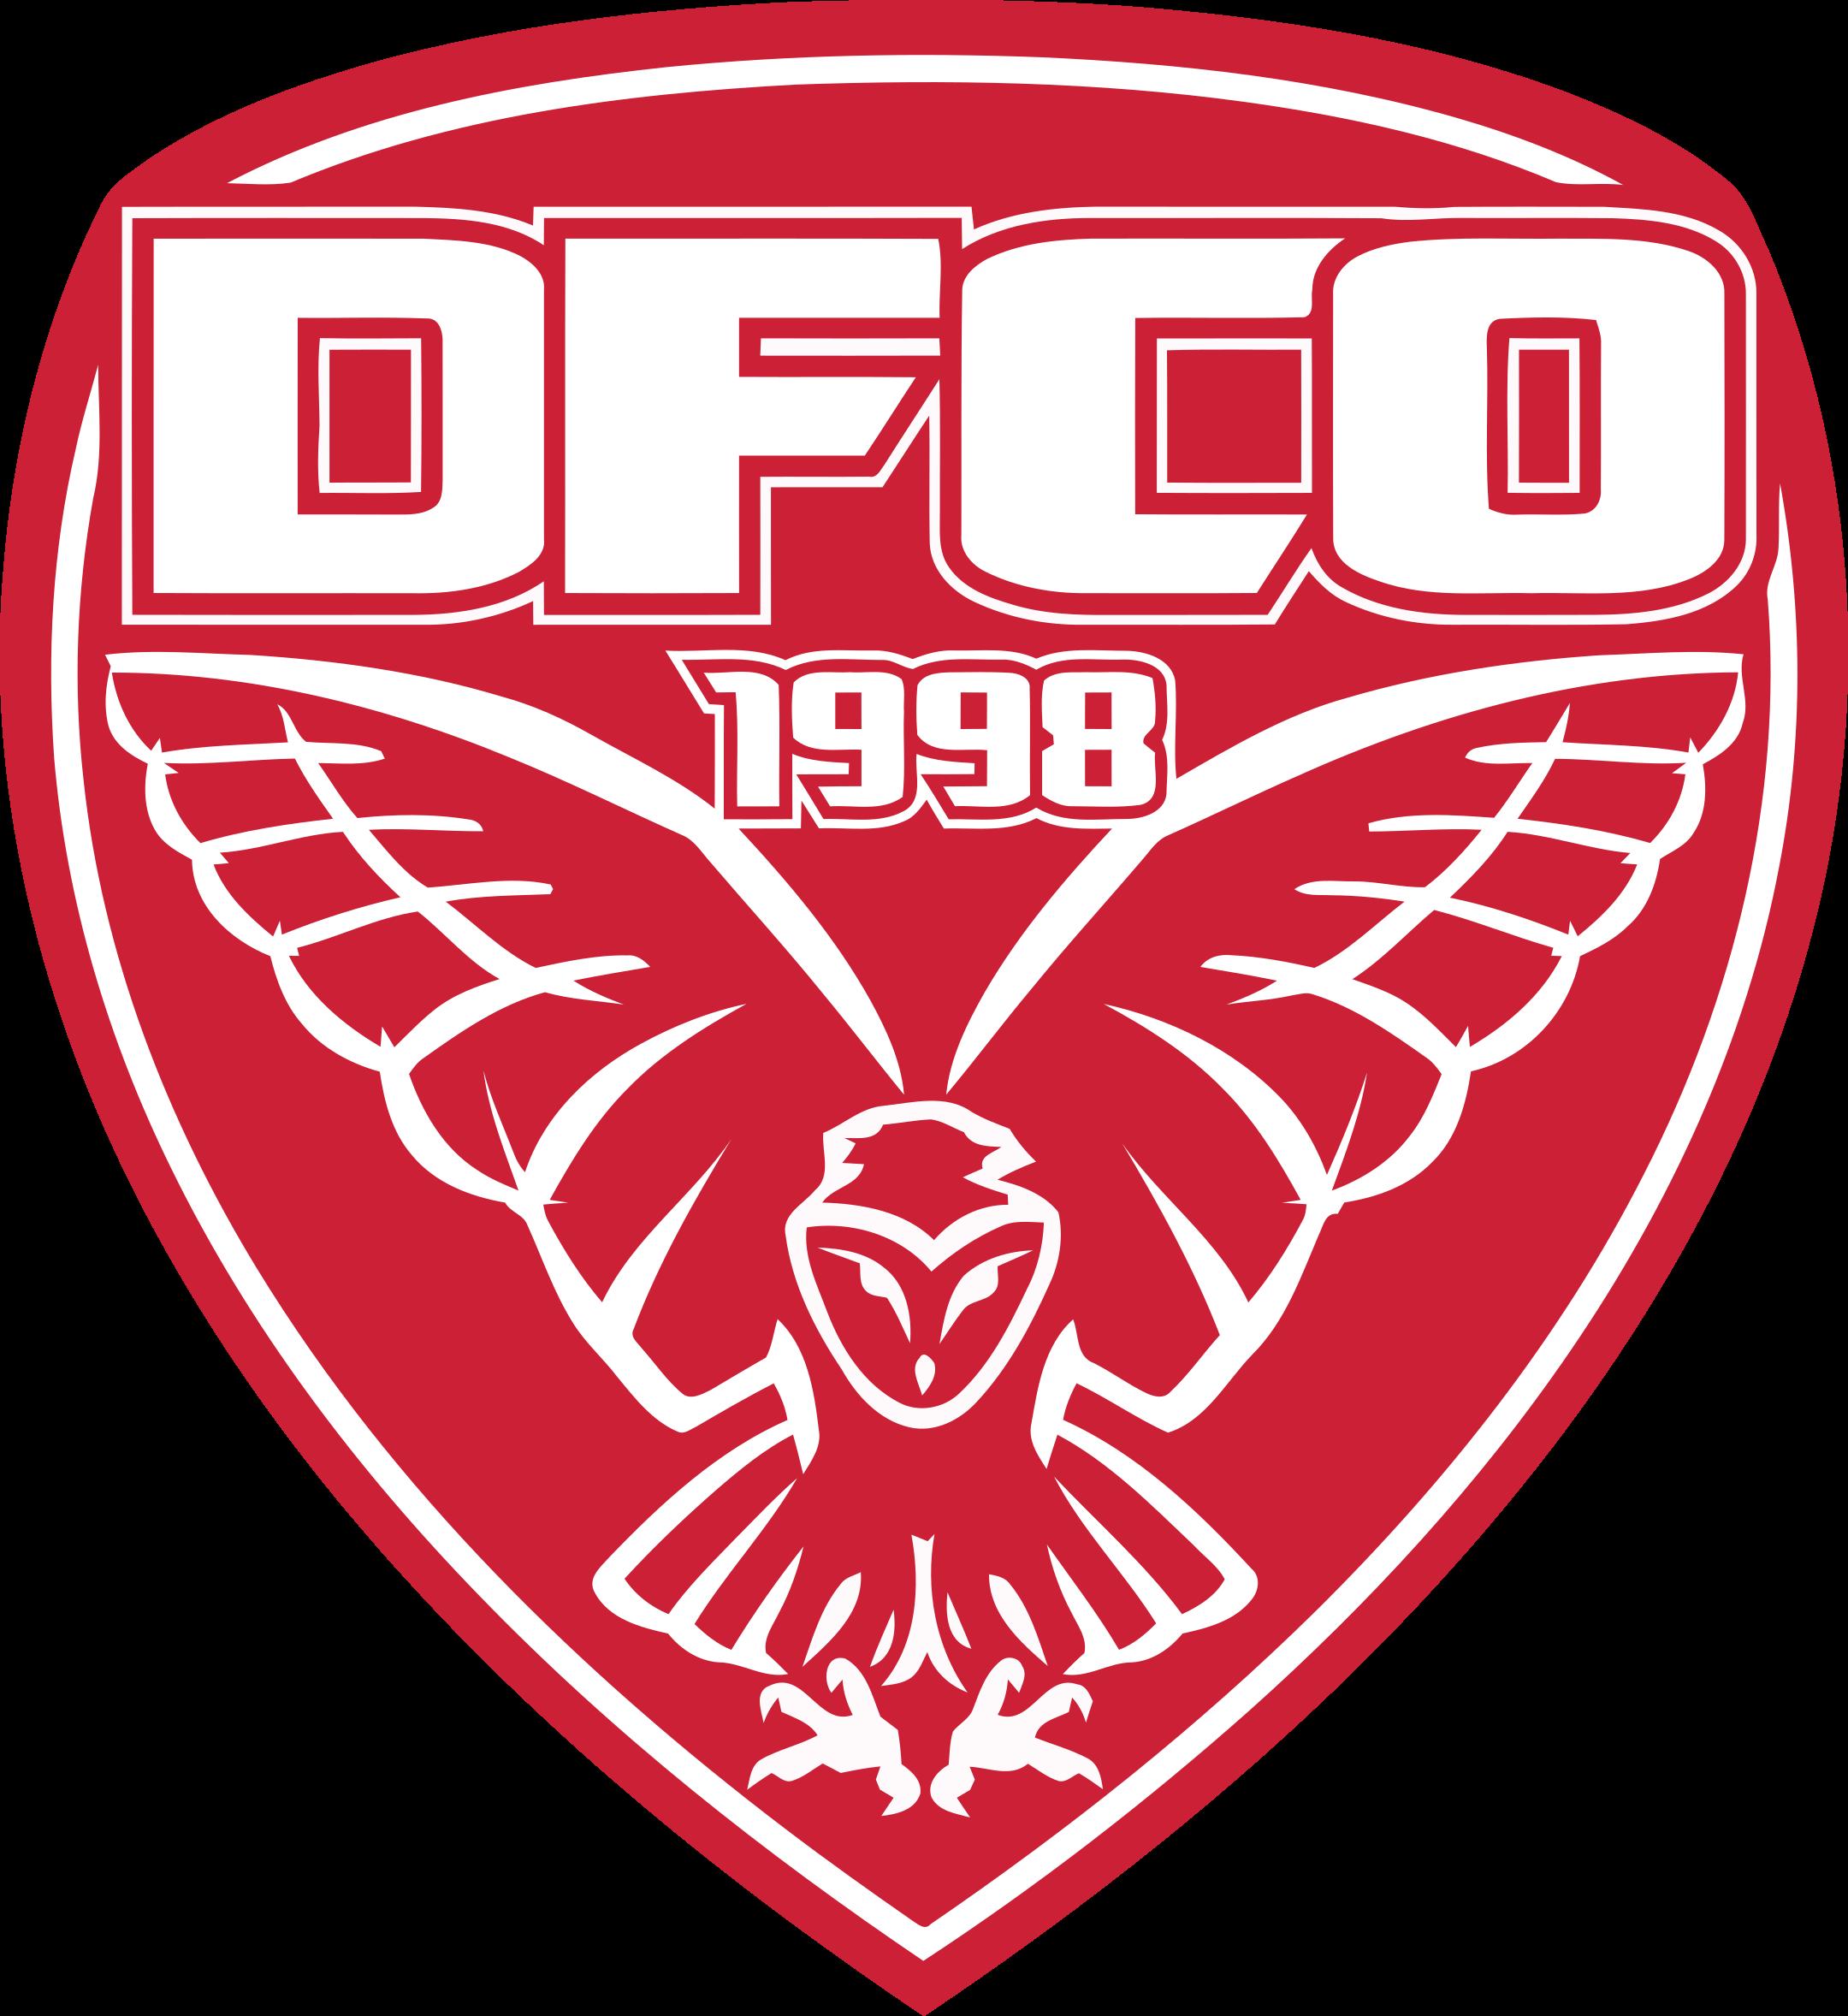 dijon fco logo 1 - Dijon FCO Logo